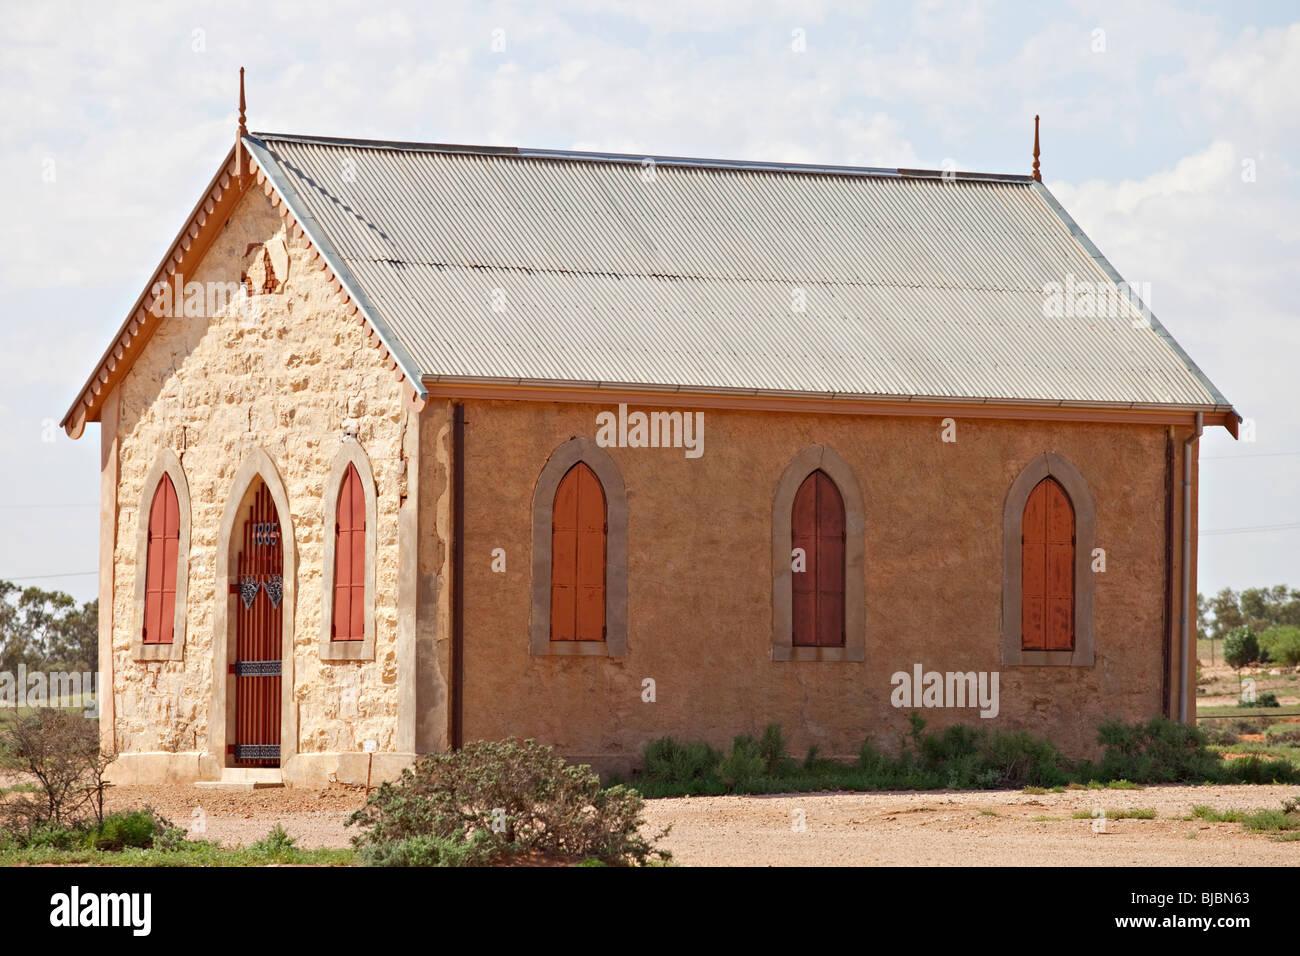 Evangelisch-methodistische Kirche, Silverton in der Nähe von Broken Hill, Outback Australien New South Wales Stockfoto